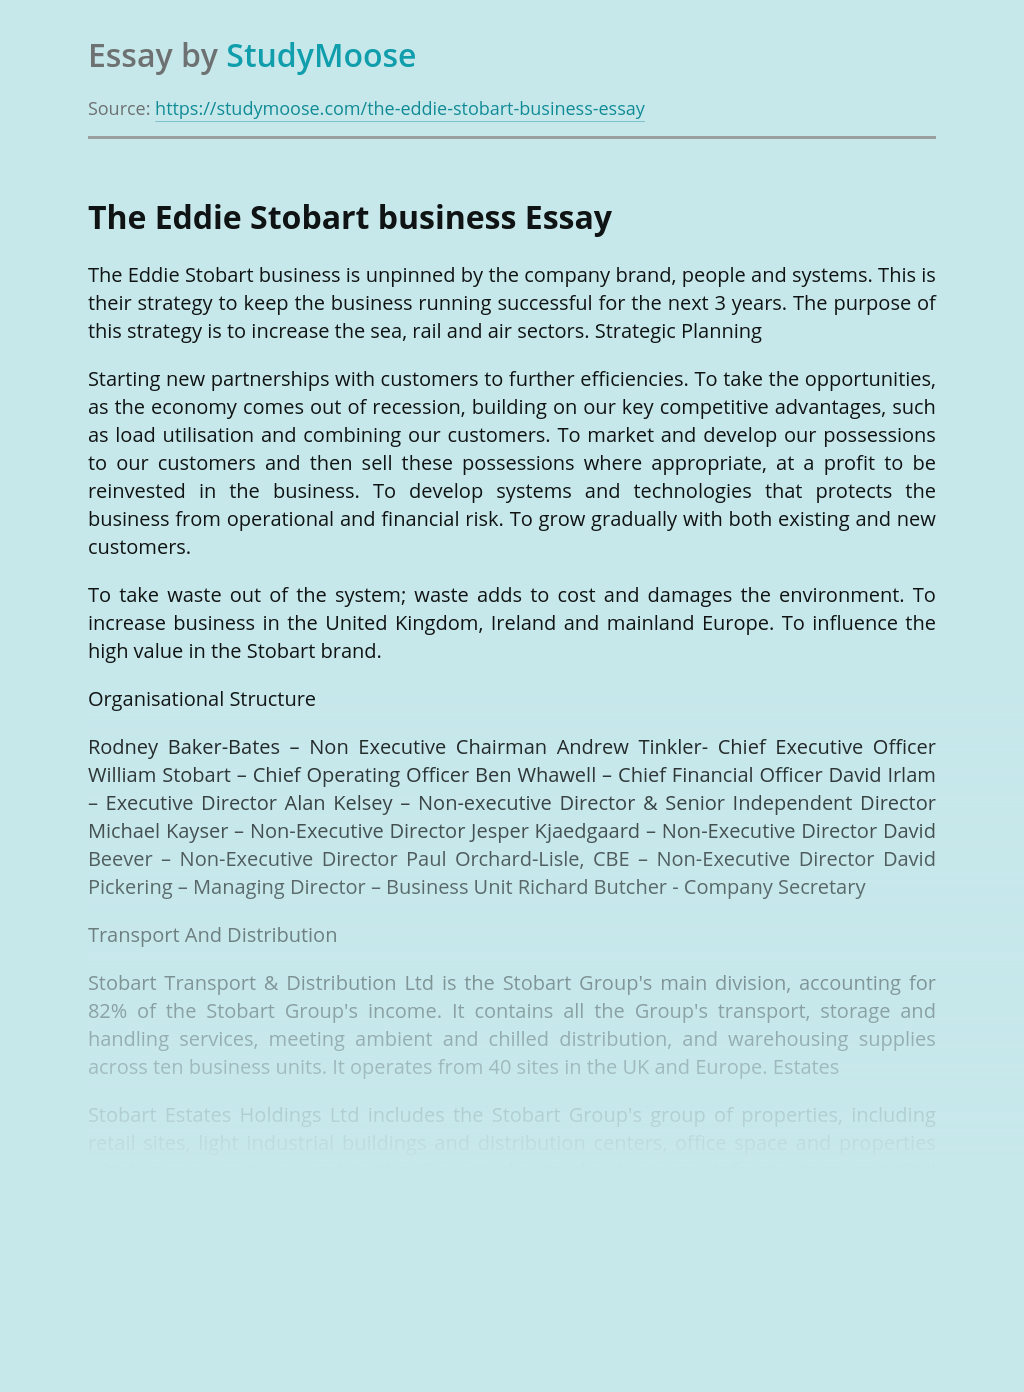 The Eddie Stobart business